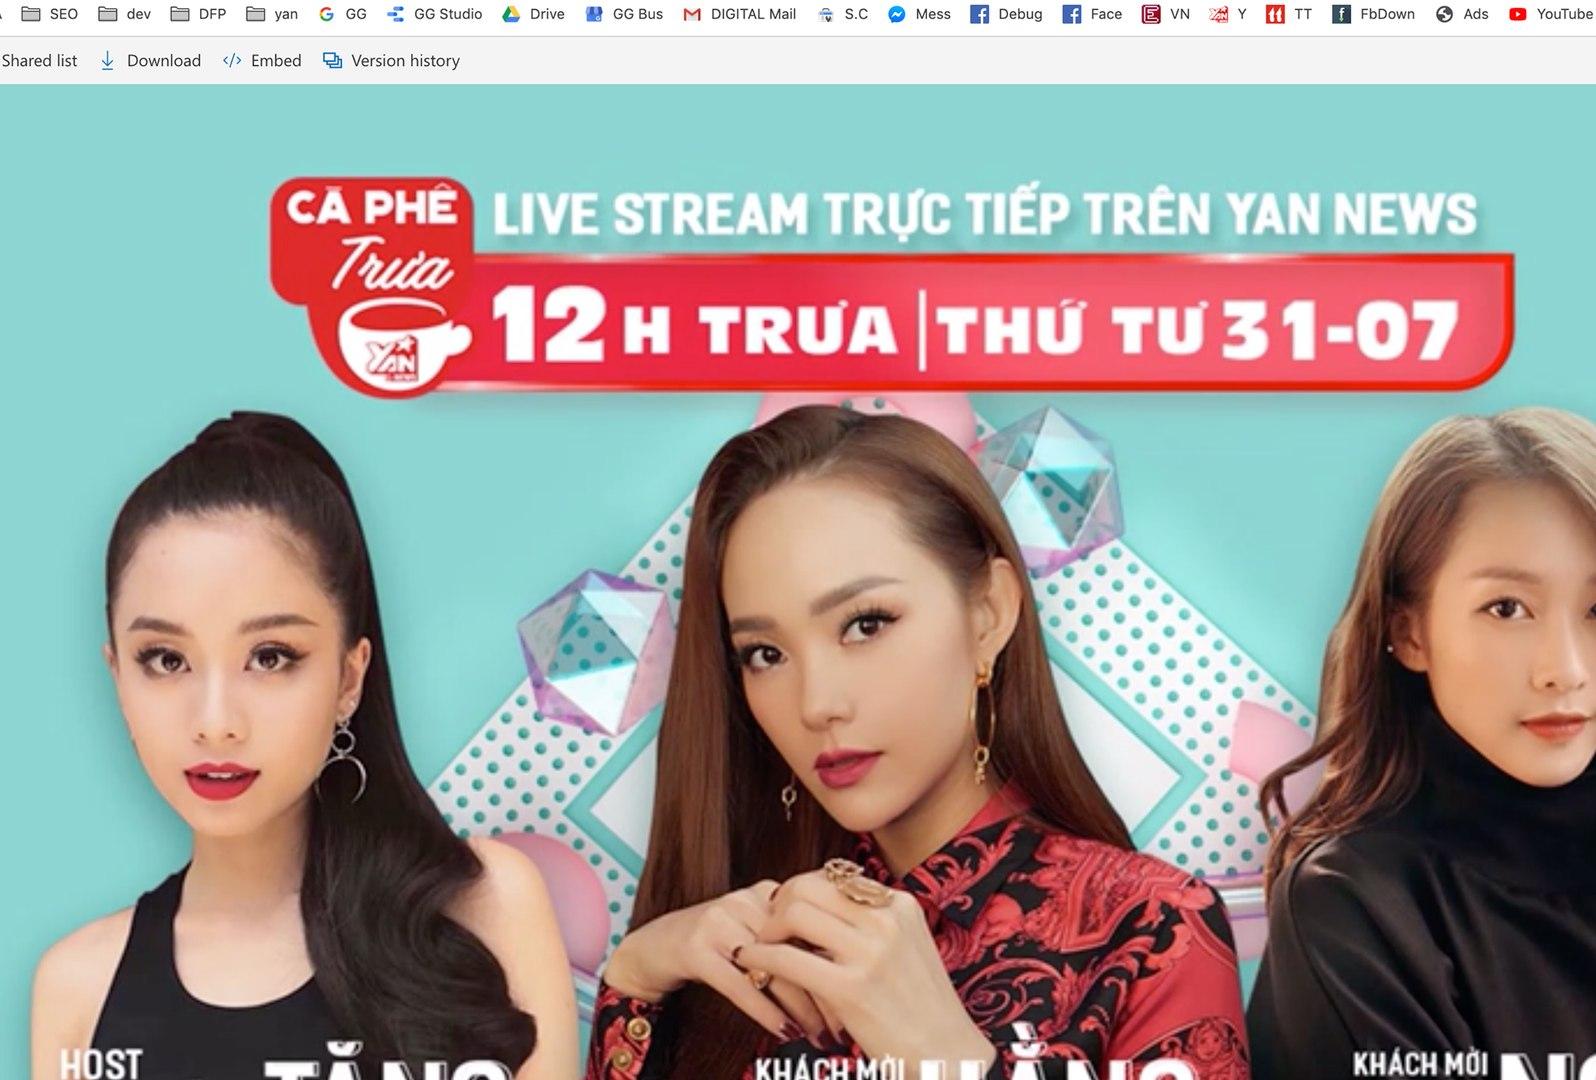 Minh Hằng, Khả Ngân – Chị em showbiz cực lầy lội cùng host Tuyền Tăng I CÀ PHÊ TRƯA